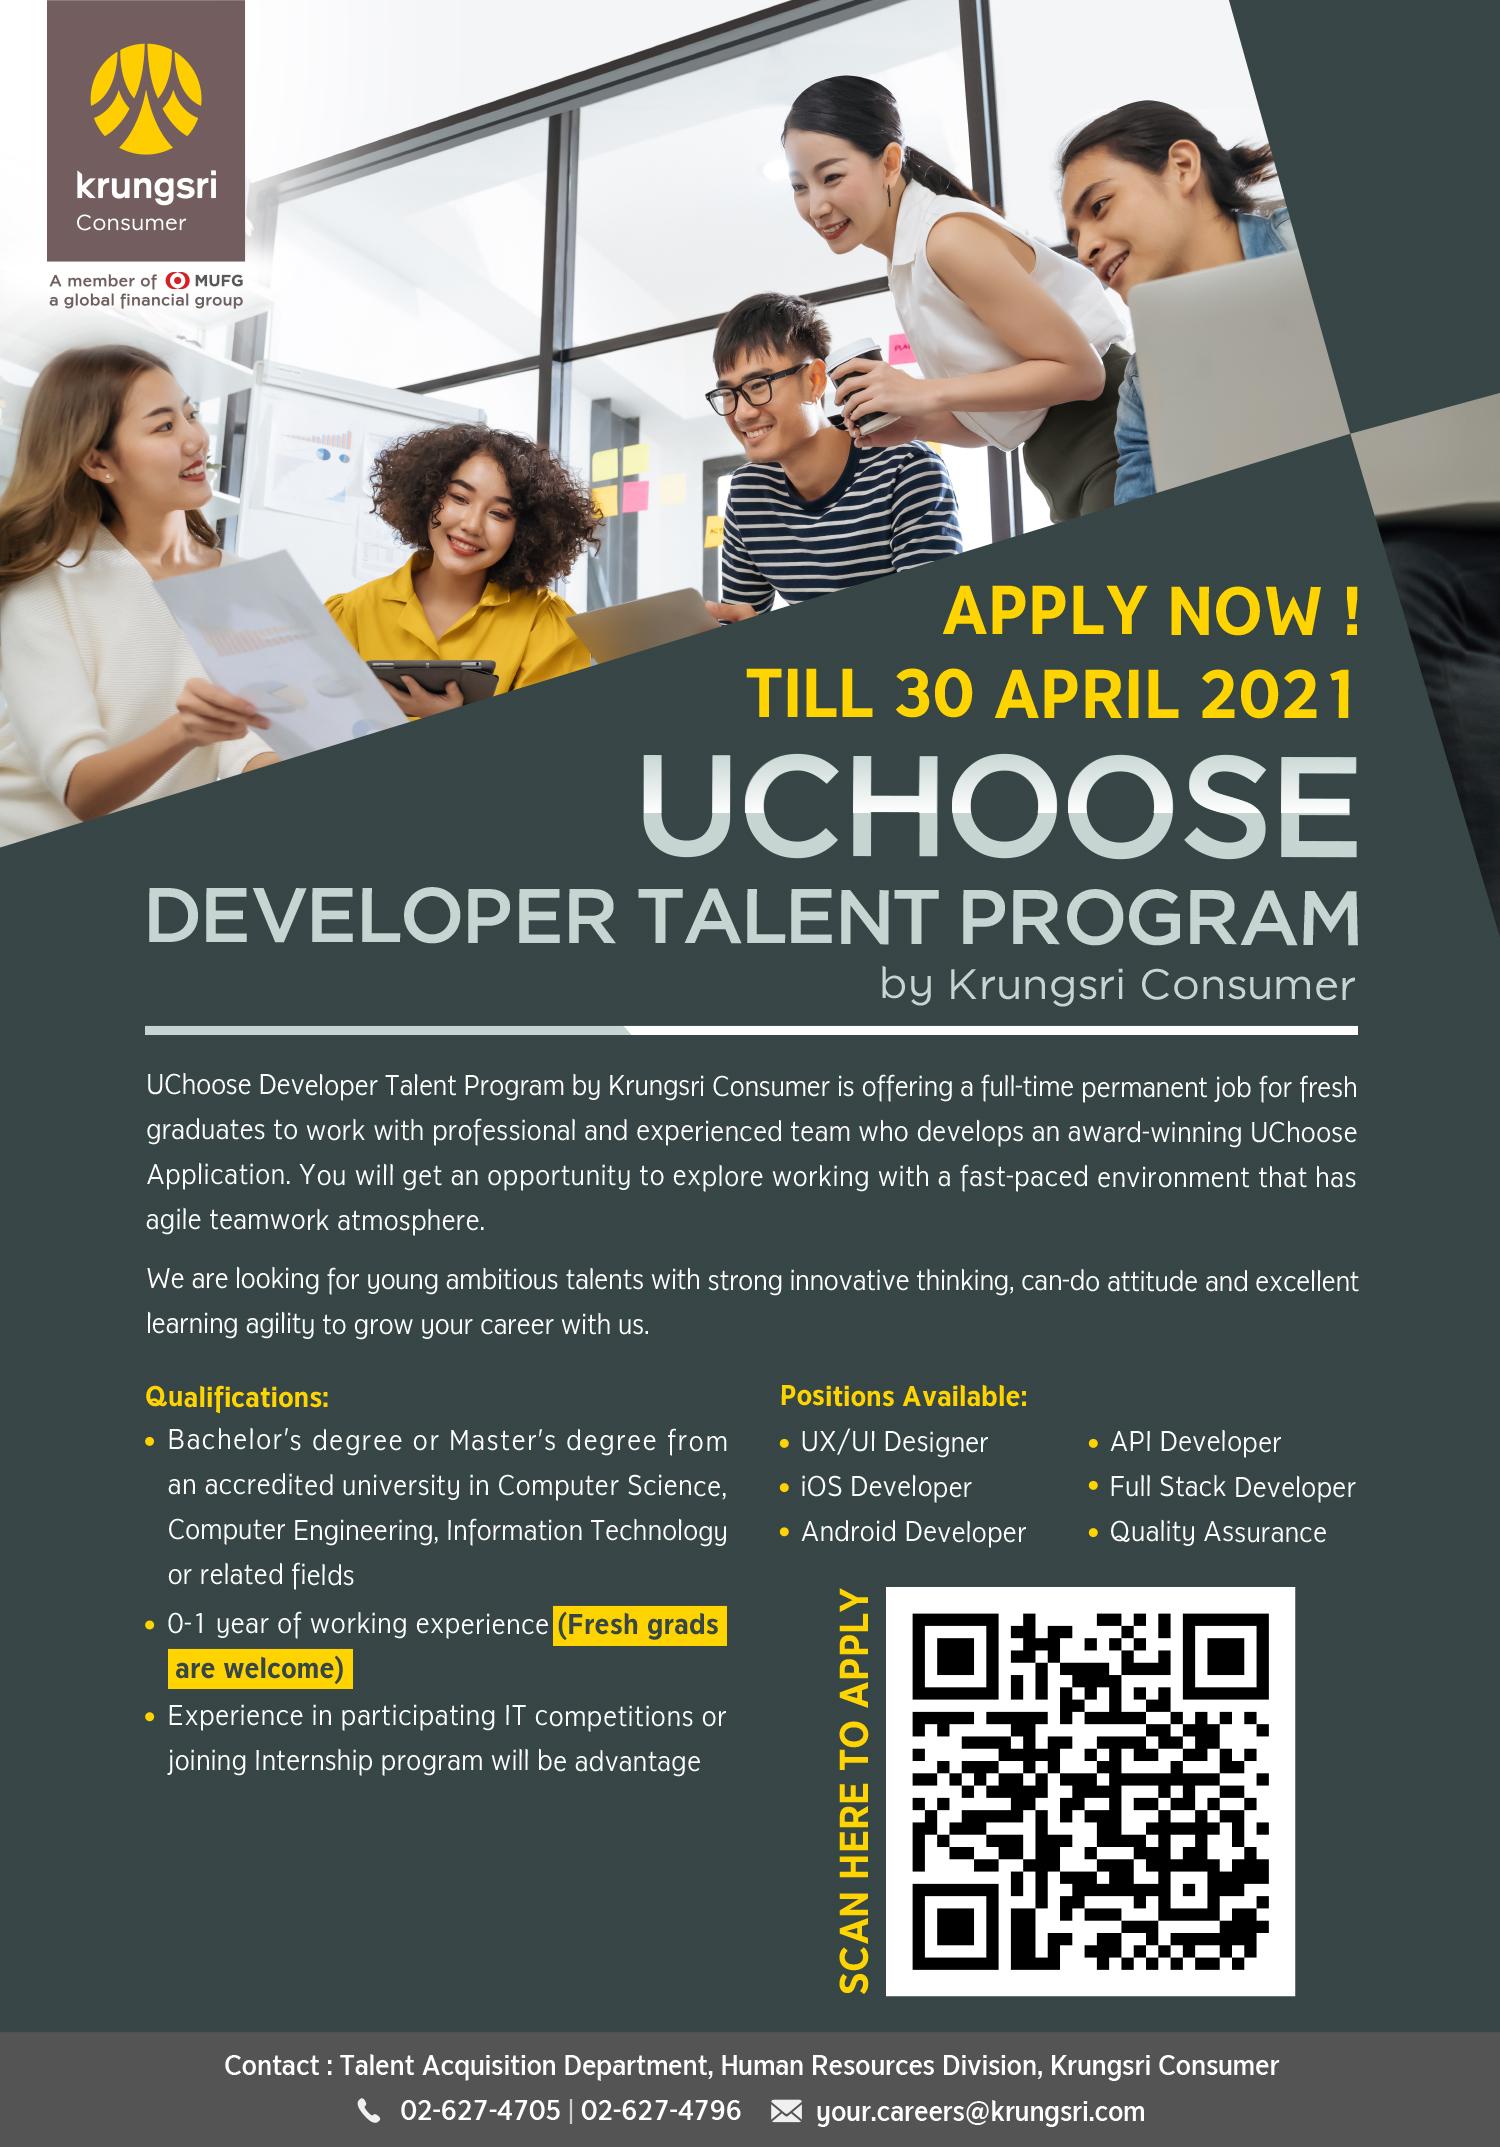 """บริษัท กรุงศรี คอนซูมเมอร์ (หนึ่งในบริษัทในเครือกรุงศรี กรุ๊ป) รับสมัครนิสิตที่กำลังจะจบการศึกษาในปีการศึกษา 2564 สำหรับตำแหน่งงานประจำในโครงการ """"UChoose Developer Talent Program by Krungsri Consumer"""""""